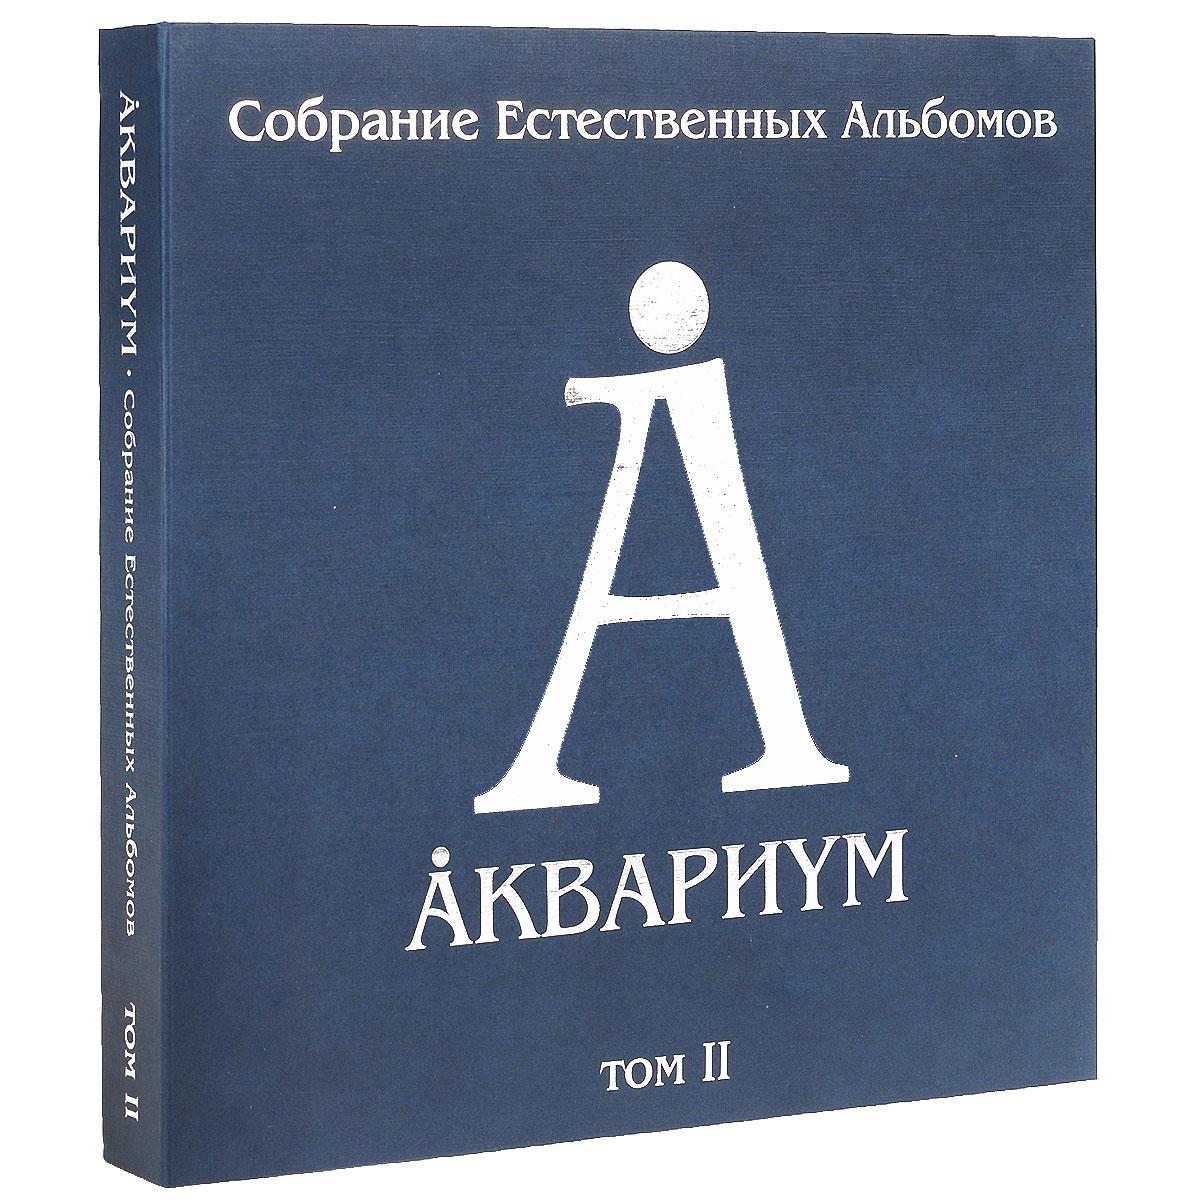 Аквариум Аквариум. Собрание естественных альбомов. Том II (5 LP) аквариум аквариум радио африка lp